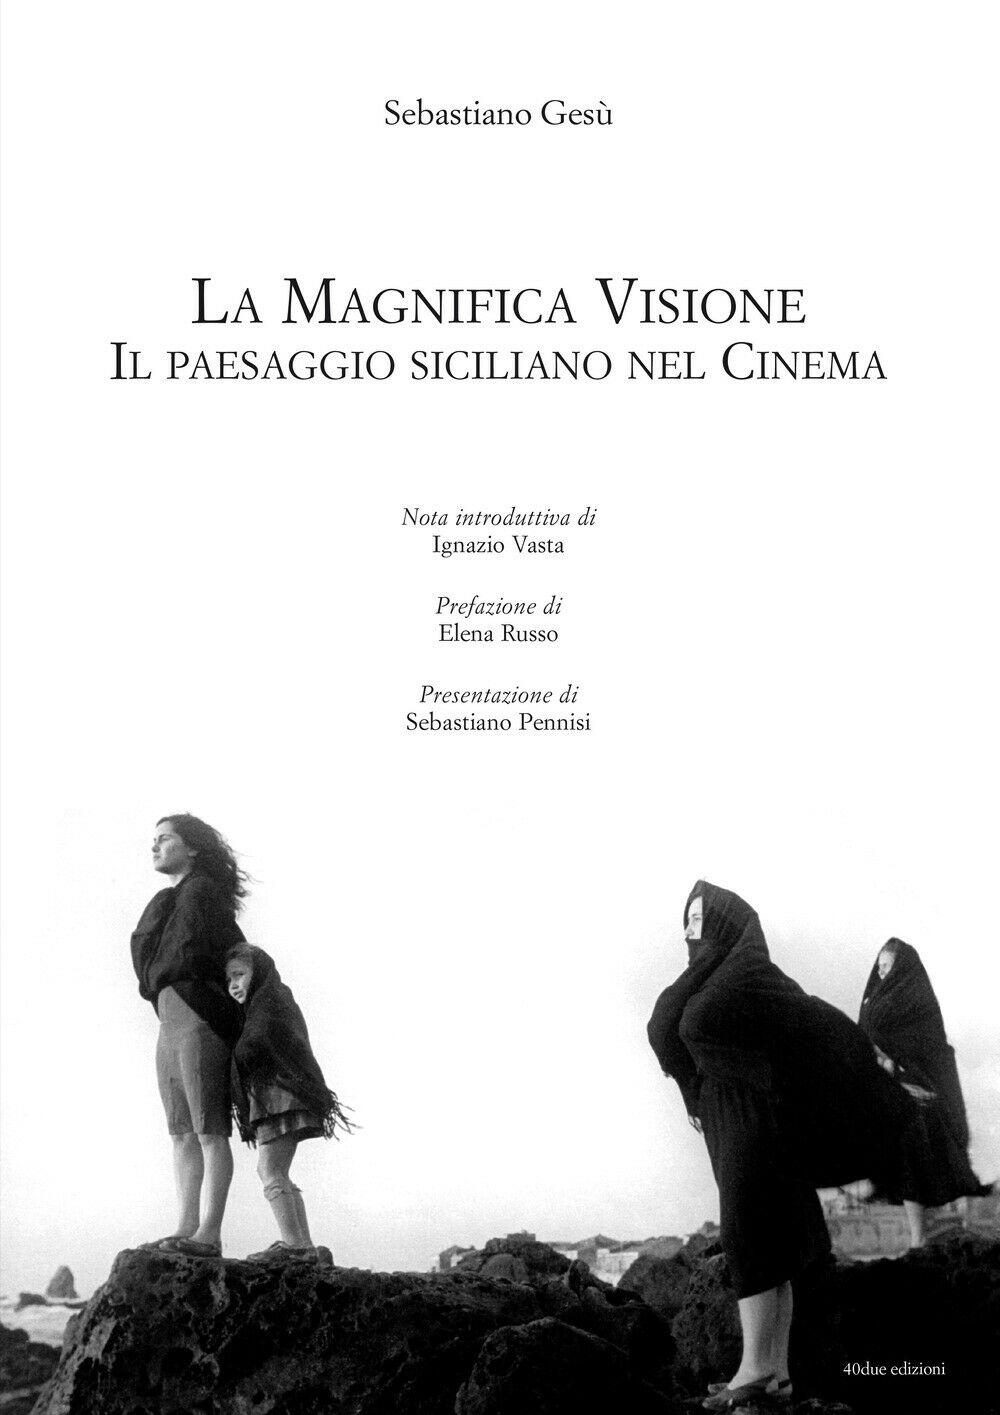 """Un atlante di celluloide – """"La magnifica visione – Il paesaggio siciliano nel cinema"""" di Sebastiano Gesù"""